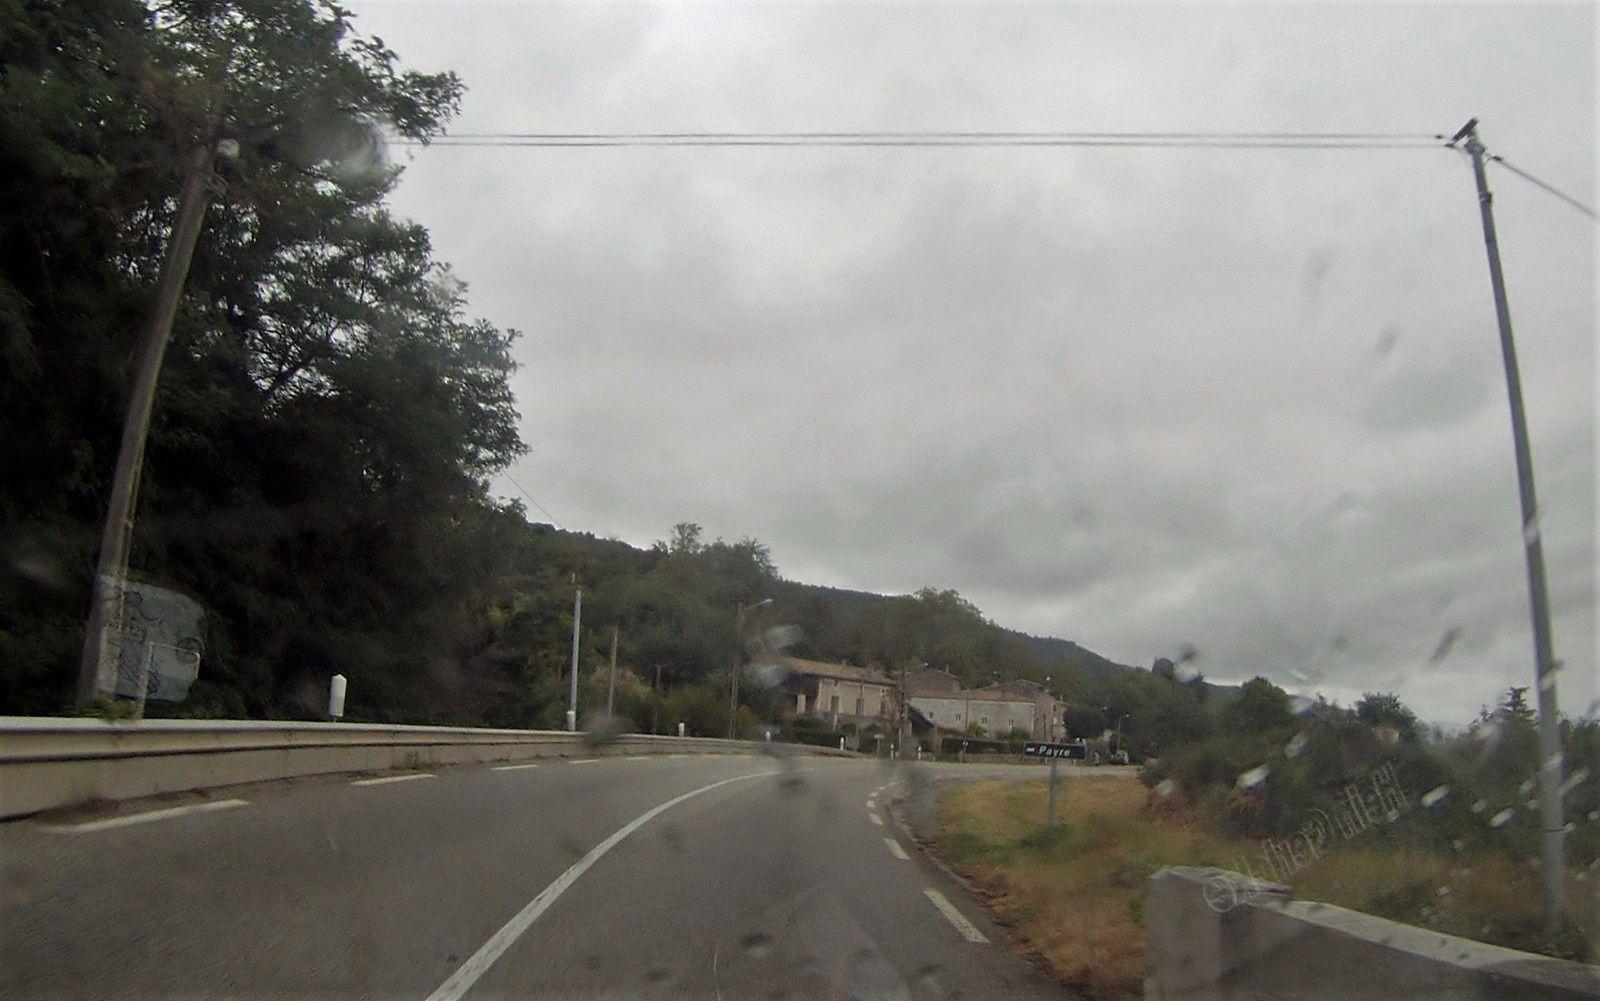 Goldwing - Notre voyage dans les Hautes-Alpes en Goldwing 1800 et Varadero 125 - Fin et 15ème jour